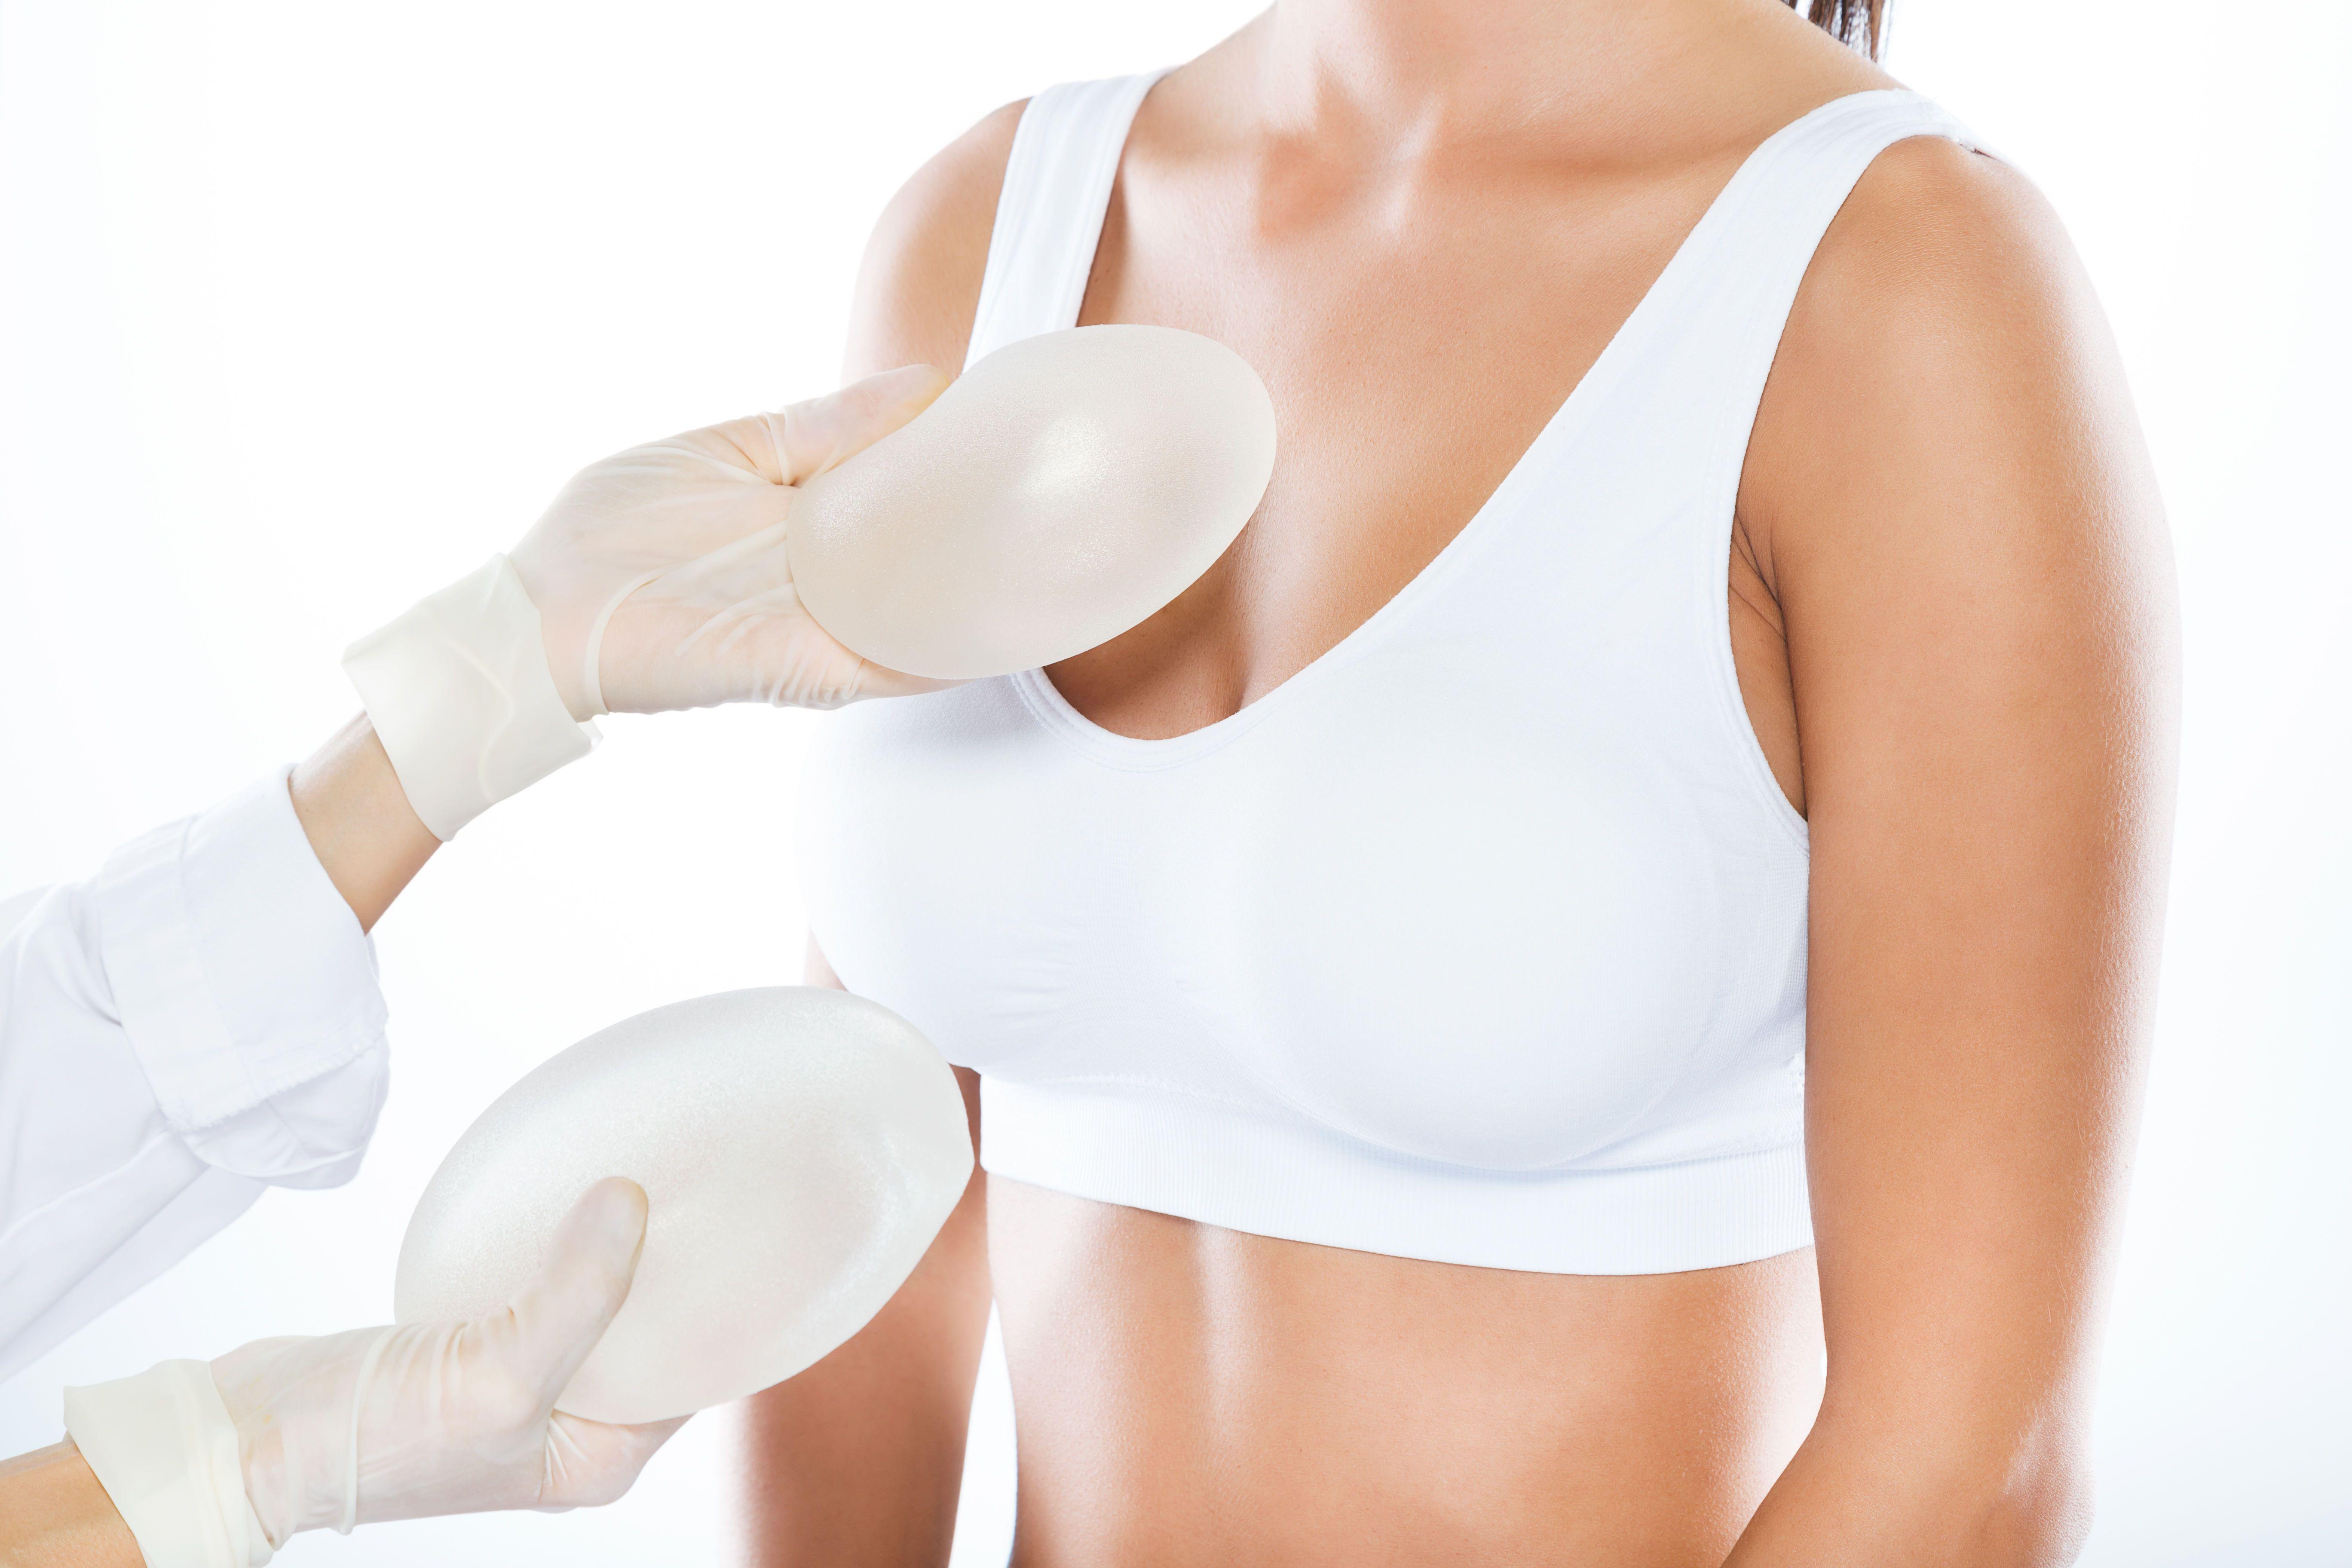 Імпланти, пластична операція, груди